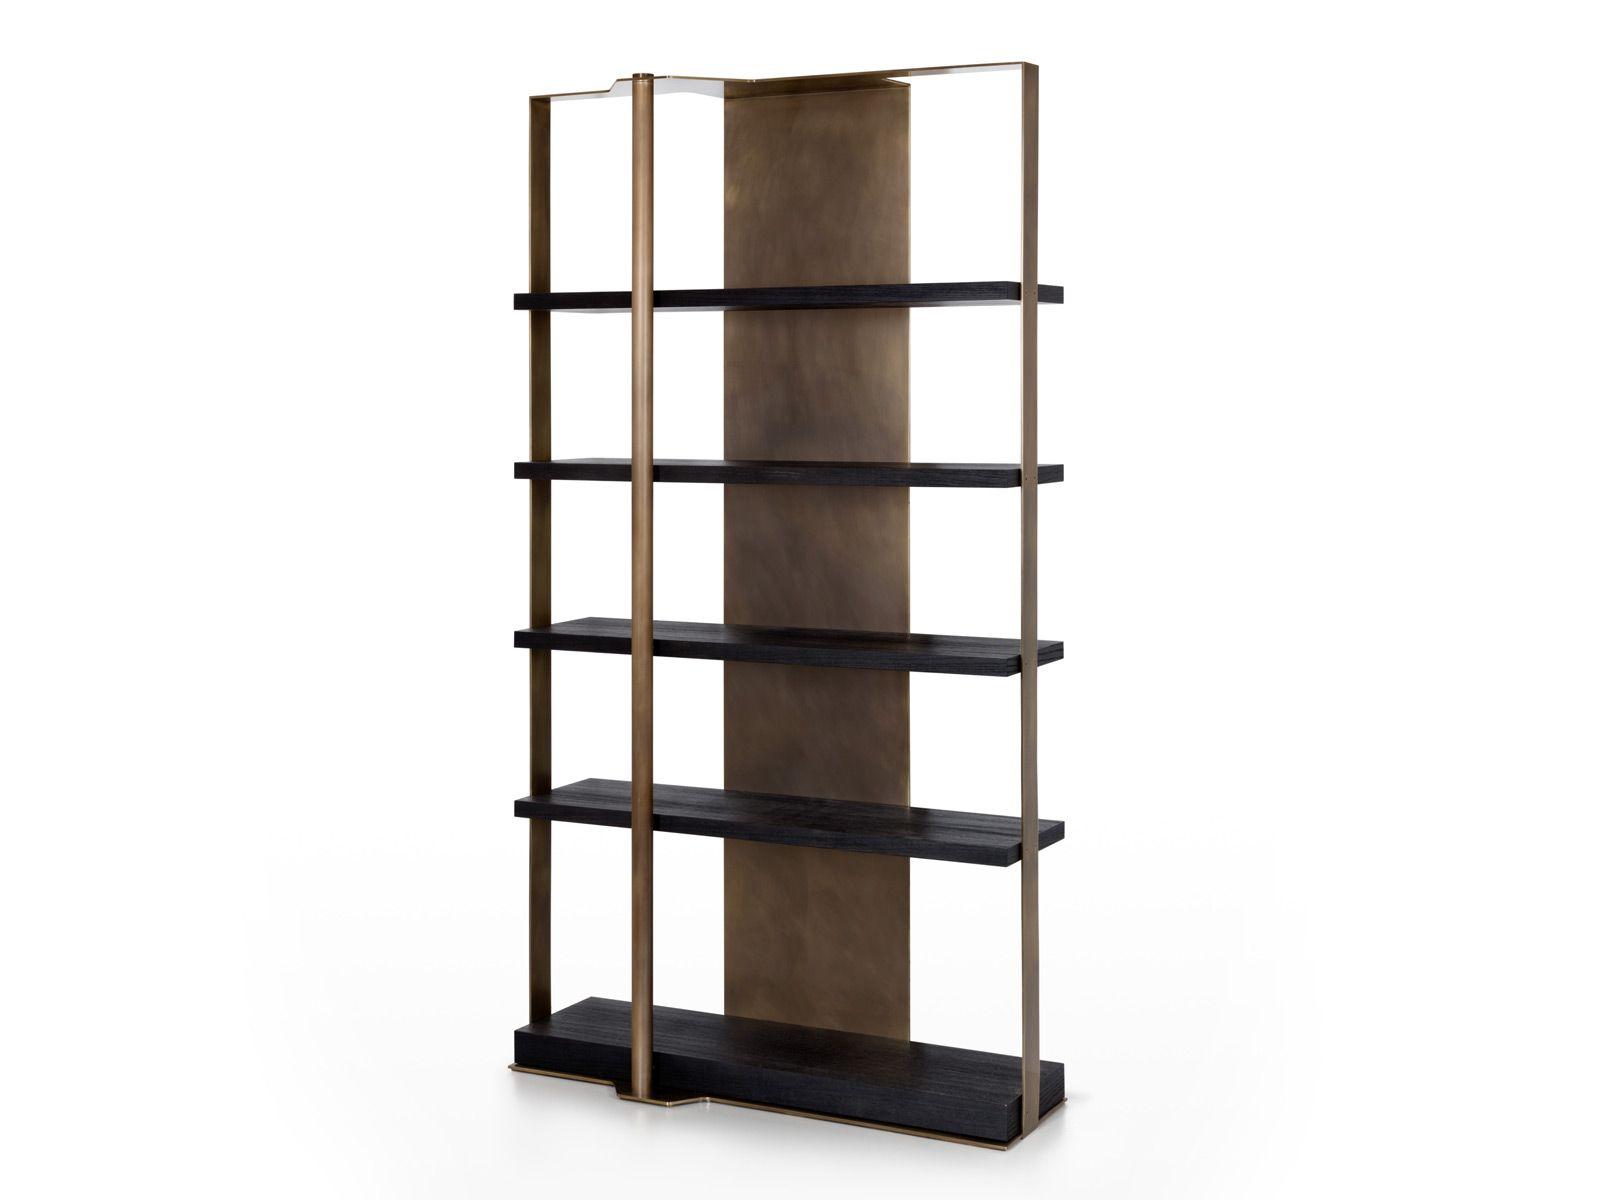 De Sousa Hughes - San Francisco Contemporary Interior Design Resource